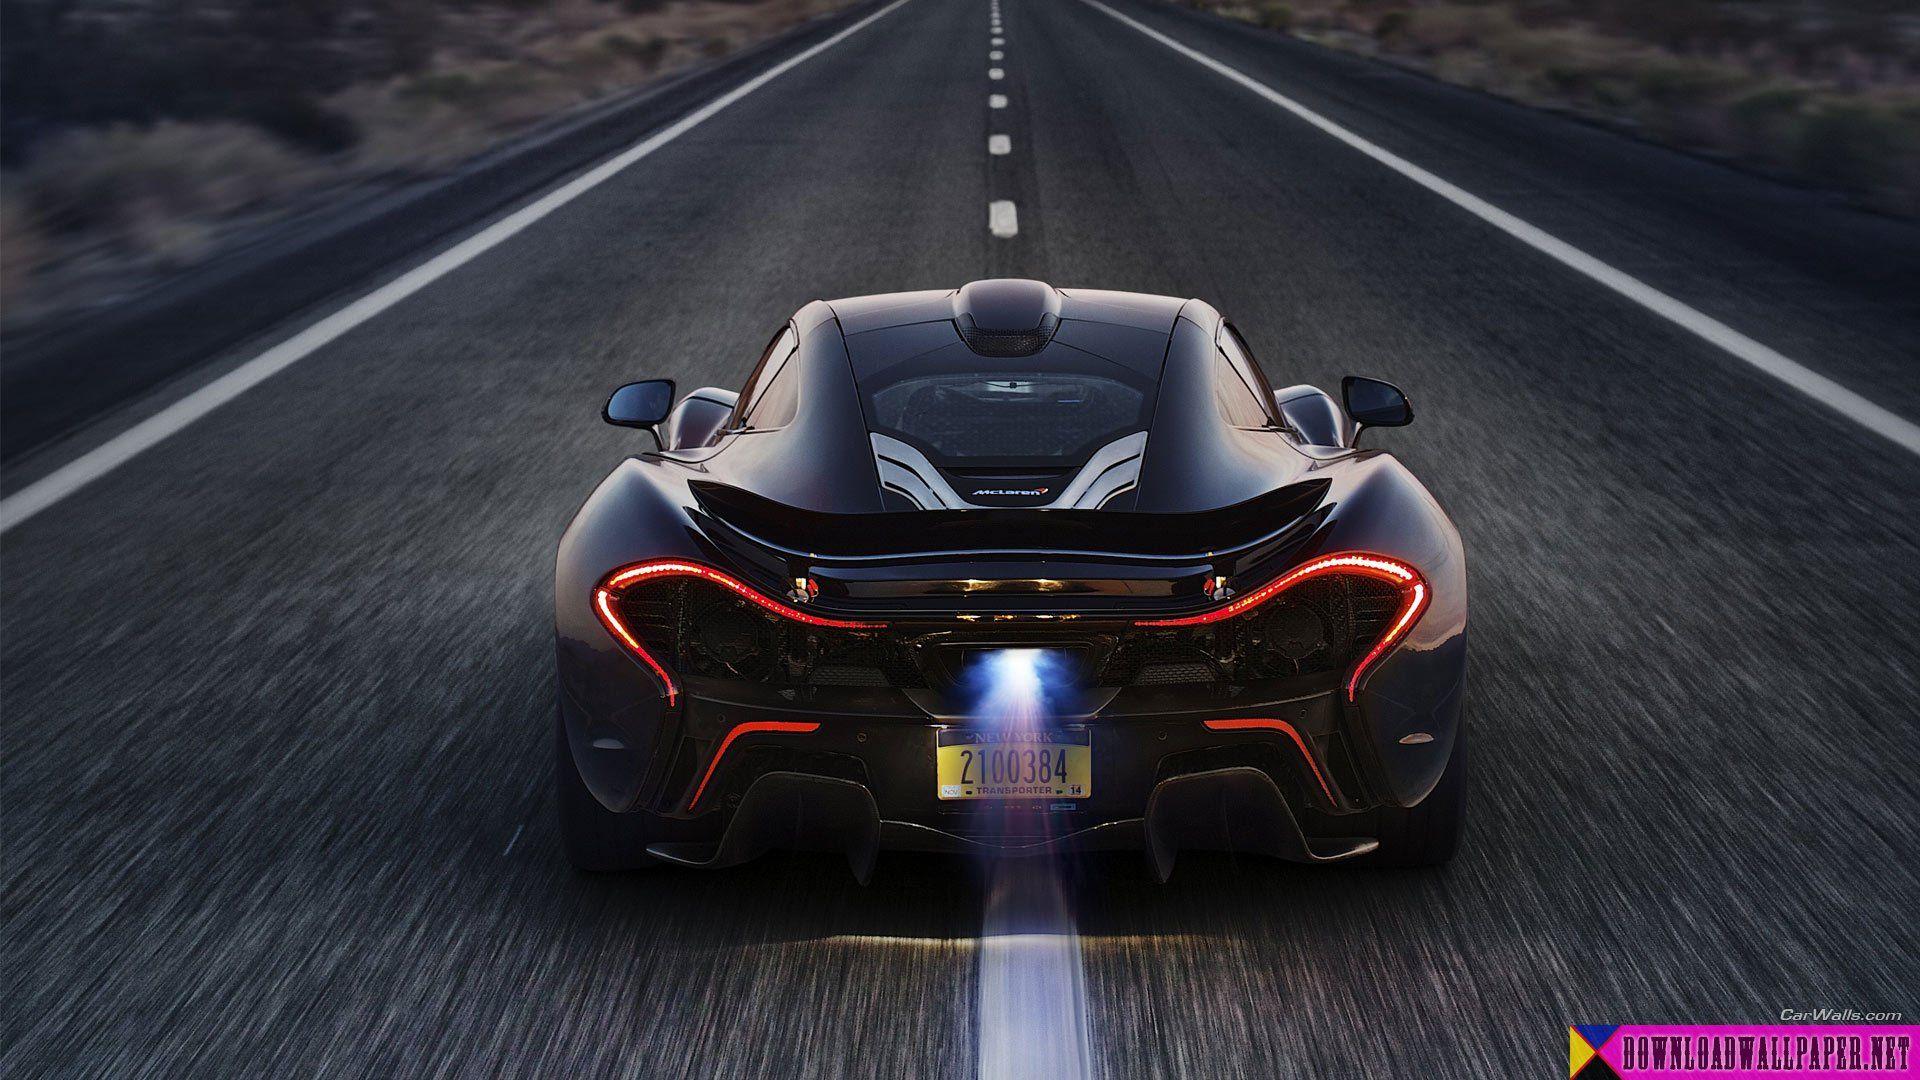 Best Futuristic Cars 4k HD Wallpaper | Cars Wallpaper ...